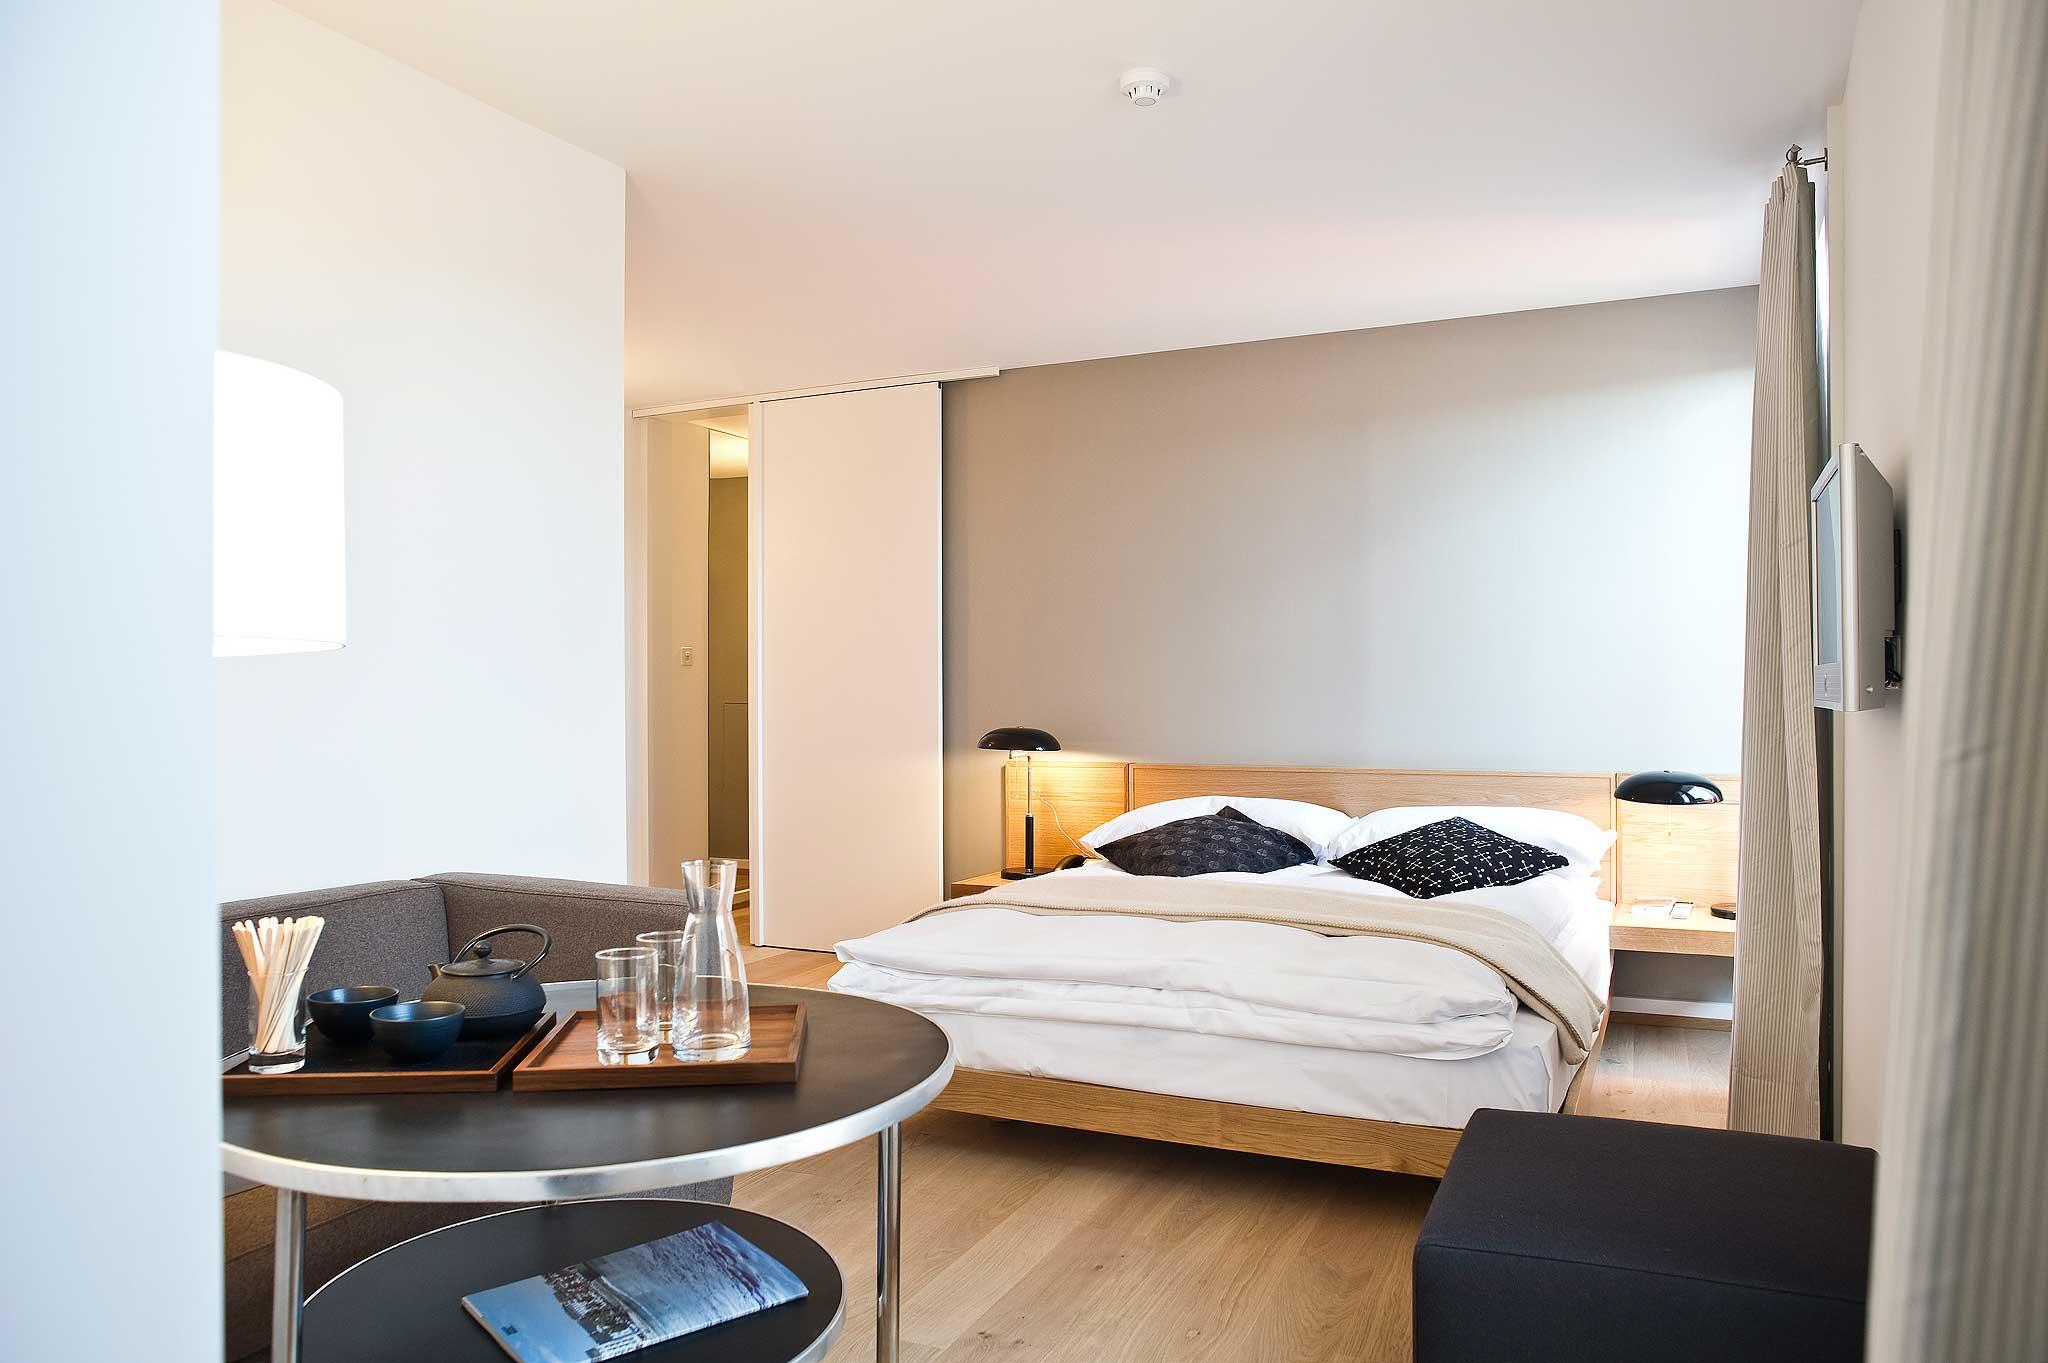 Die Juniorsuite 414 unter dem Dach wirkt wie eine kleine Wohnung.